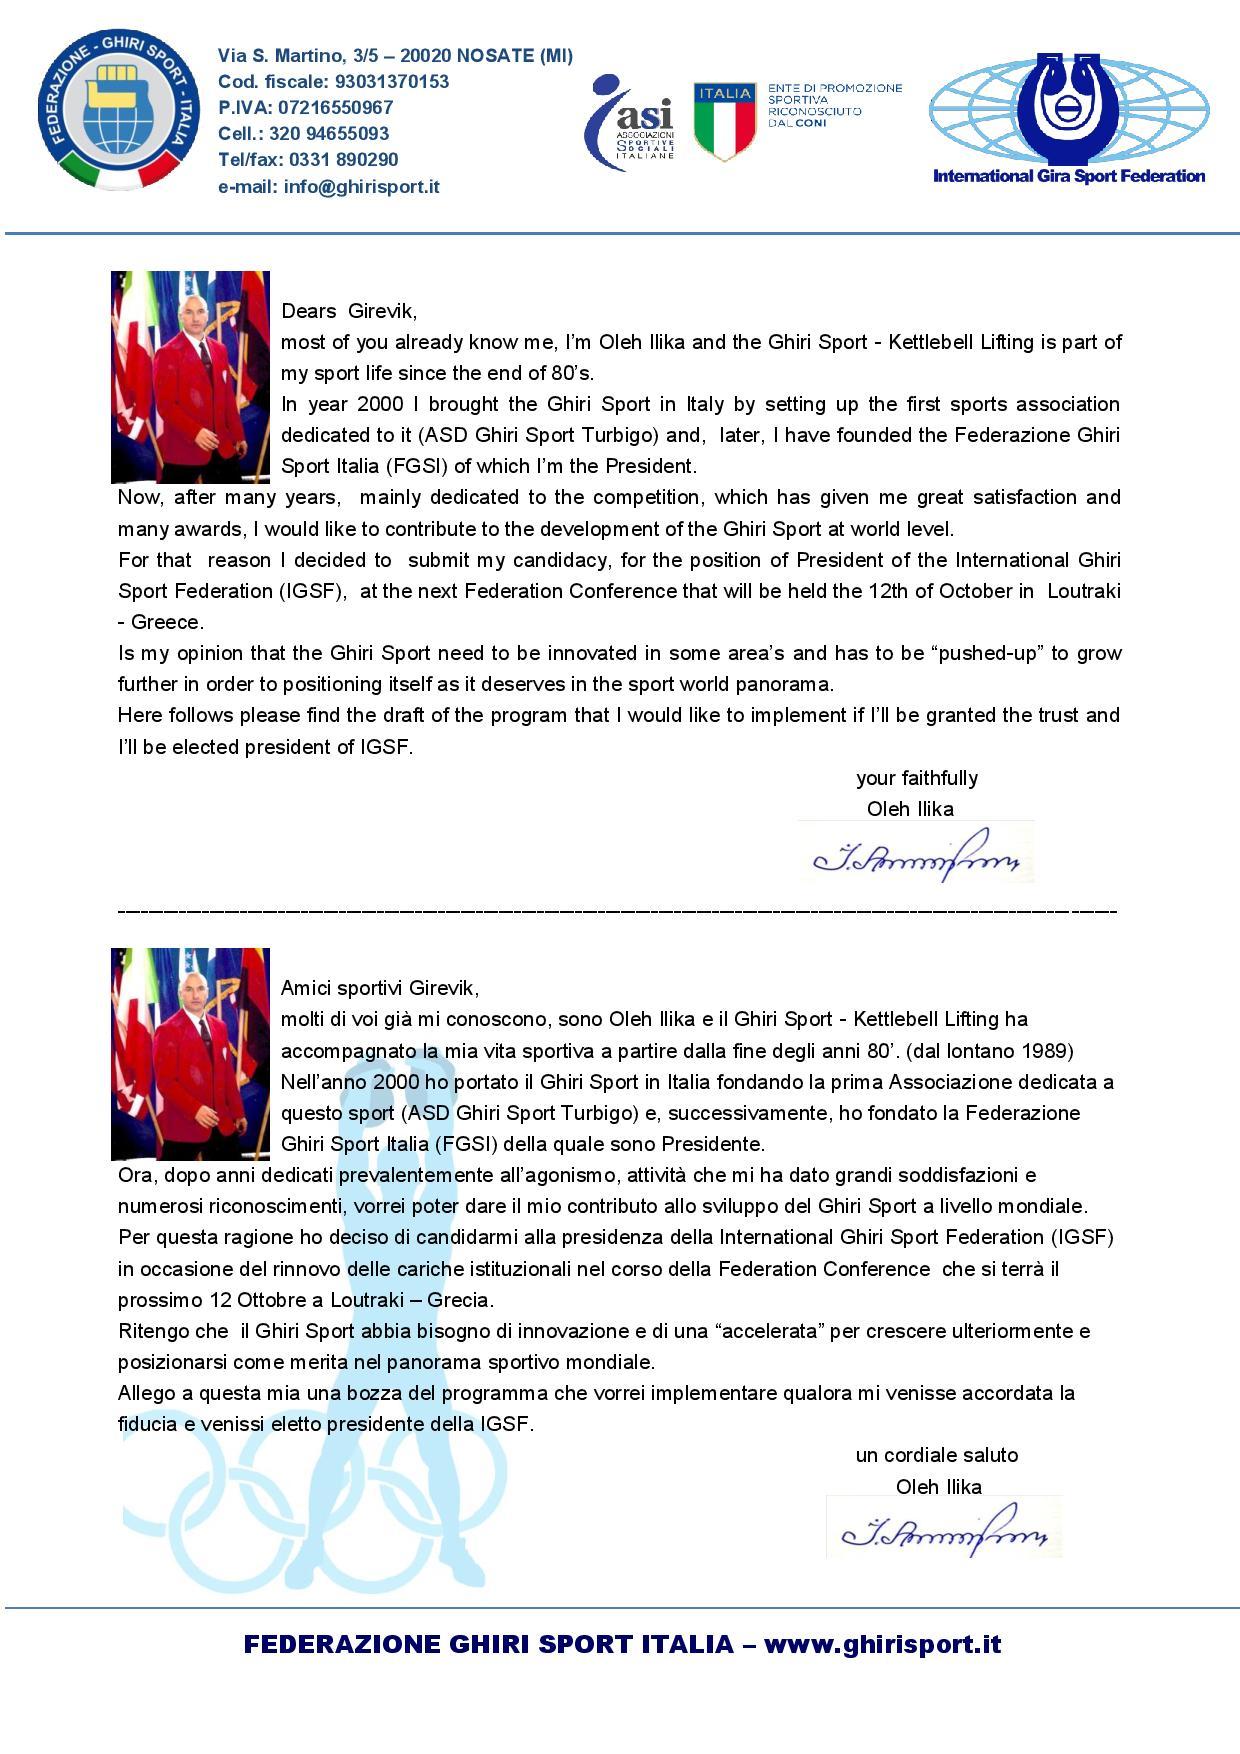 lettera presentazione programma_03-08-17